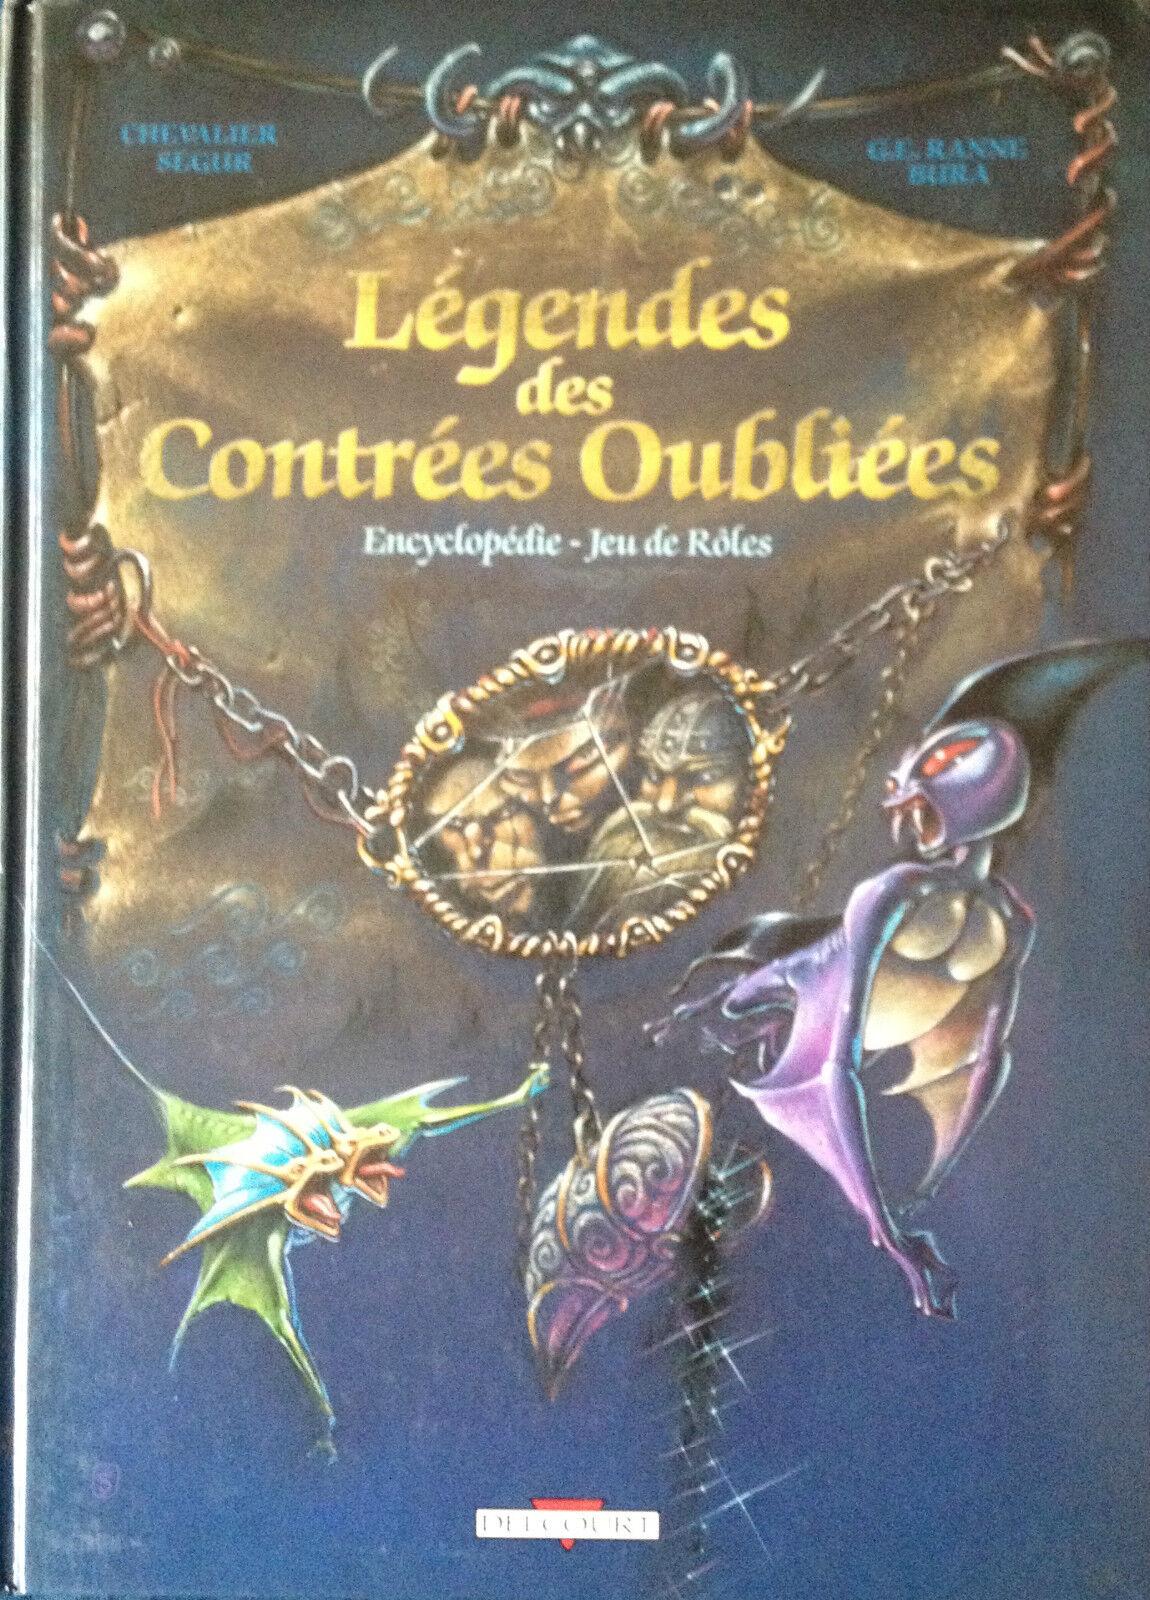 Legendes des contrées oubliées - Encyclopédie - Jeu de rôles